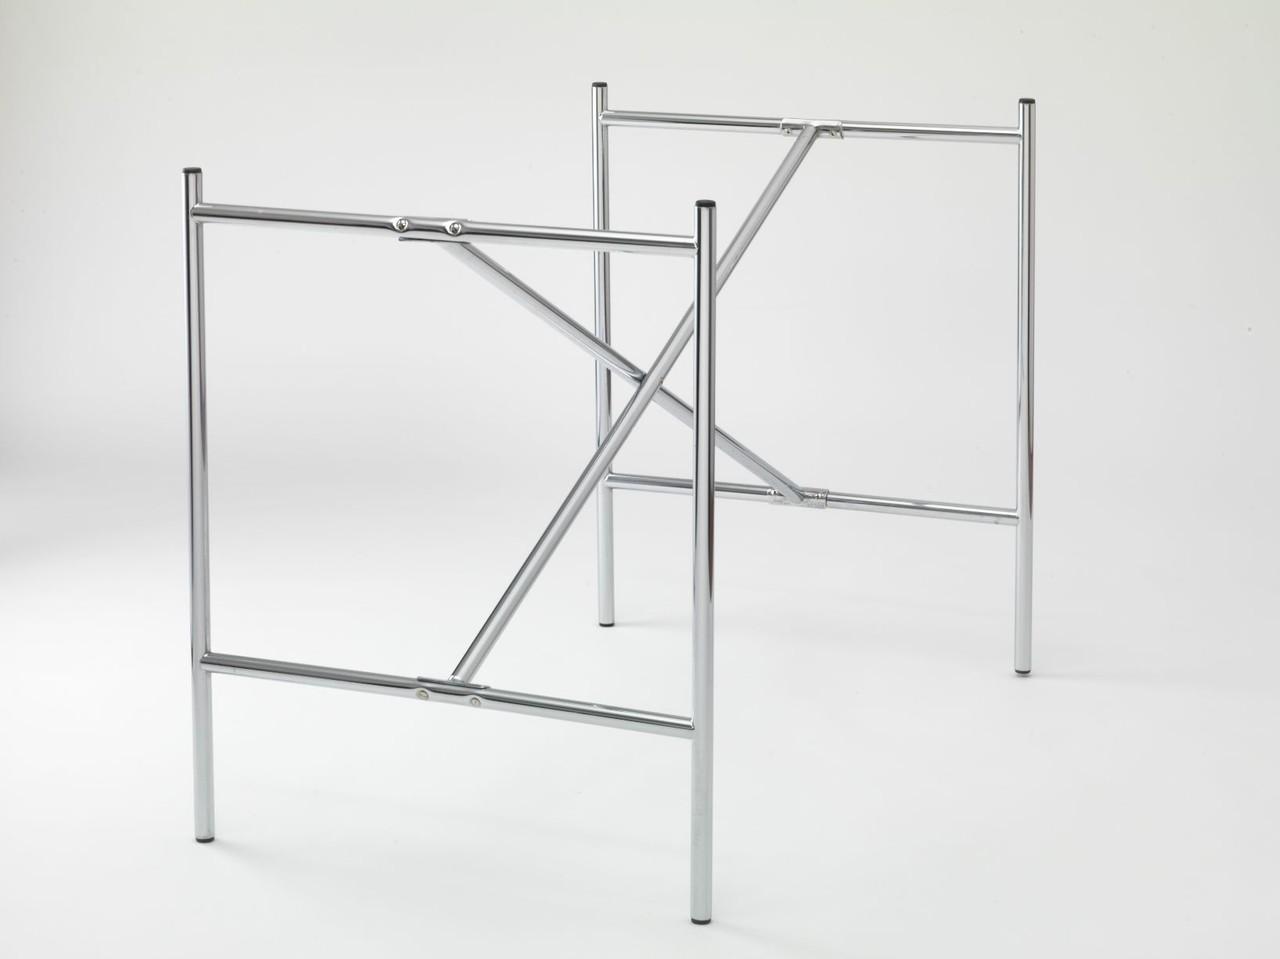 das tischgestell shop heinz scheurer objekteinrichtungen. Black Bedroom Furniture Sets. Home Design Ideas